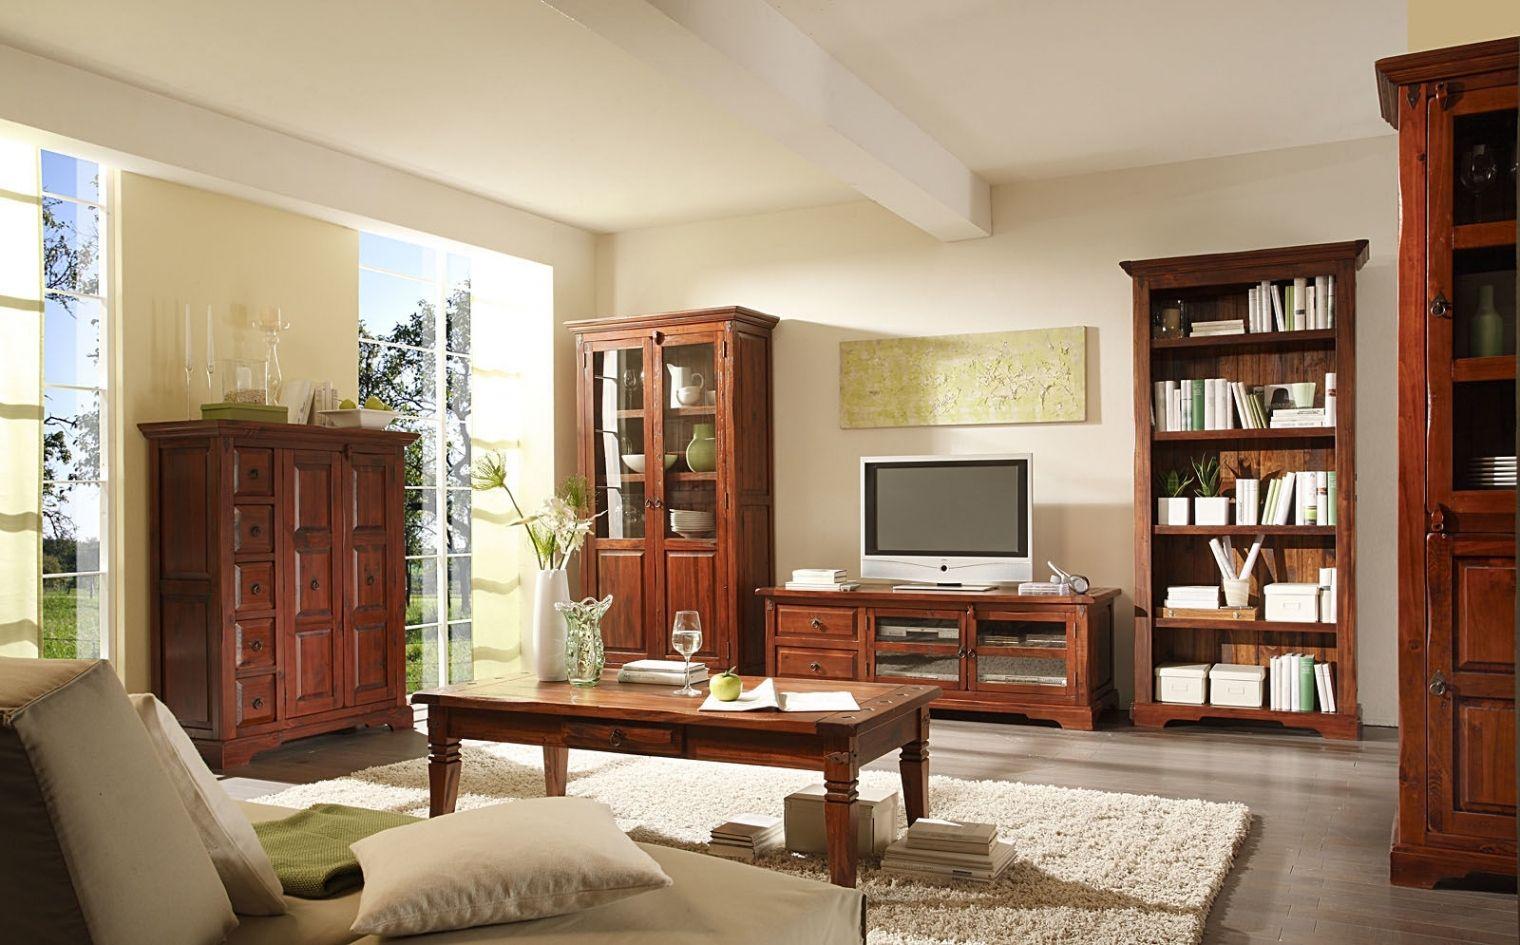 Beste Von Wohnzimmer Kolonialstil Landhausstil Wohnzimmer